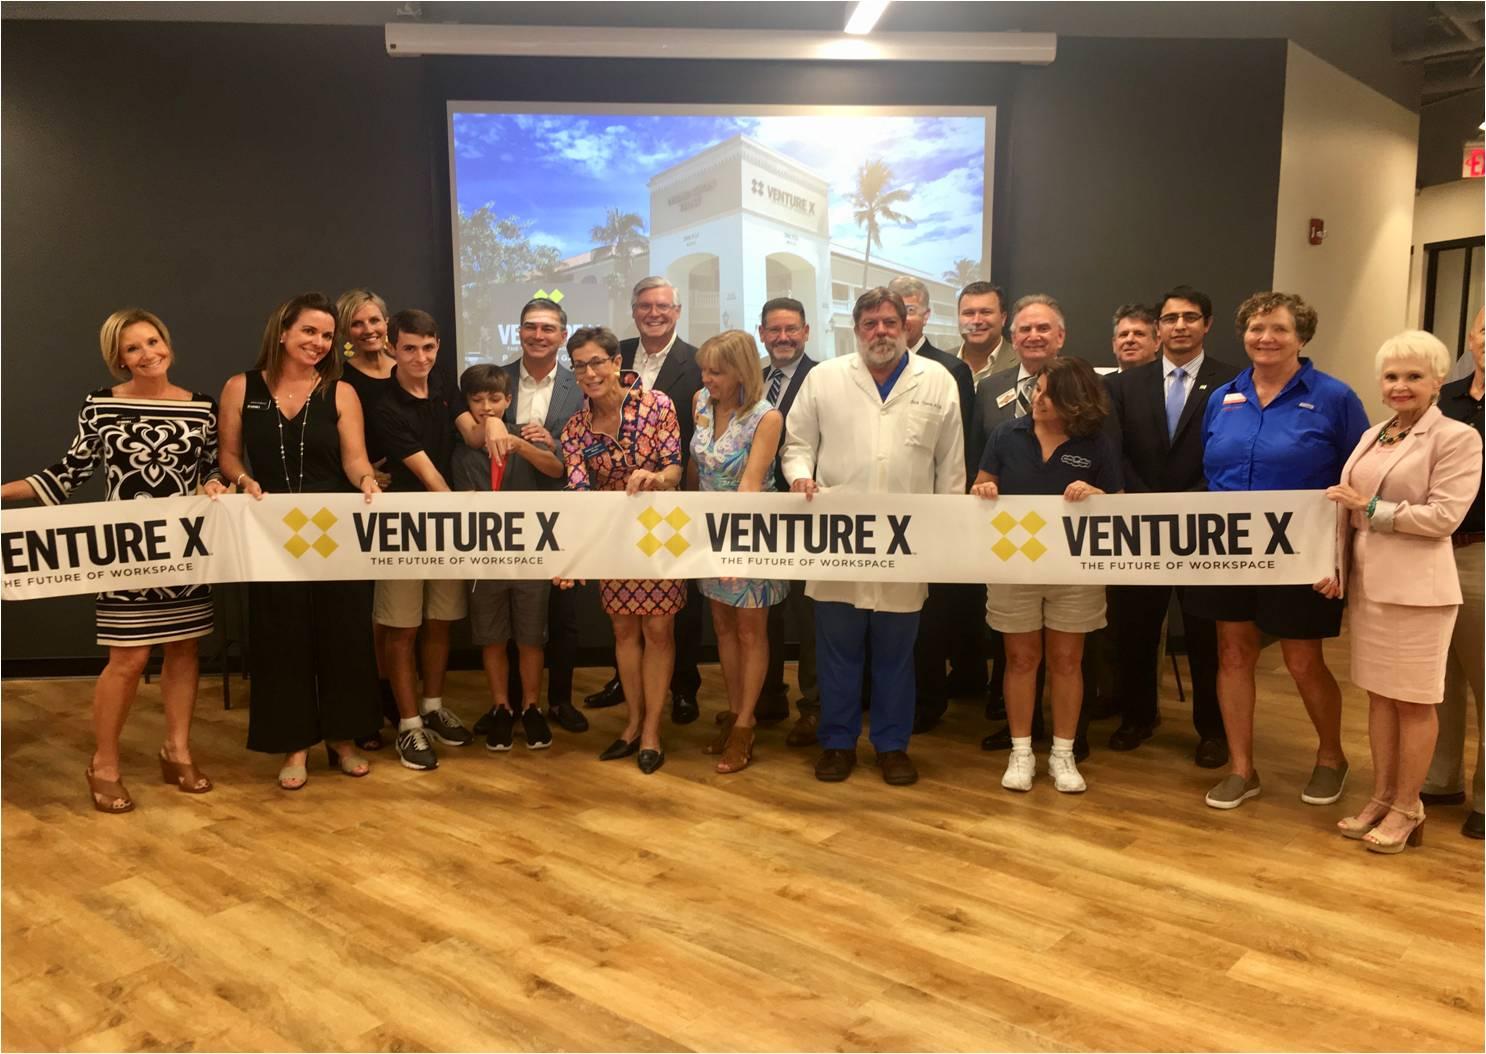 Venture X 11.15.18